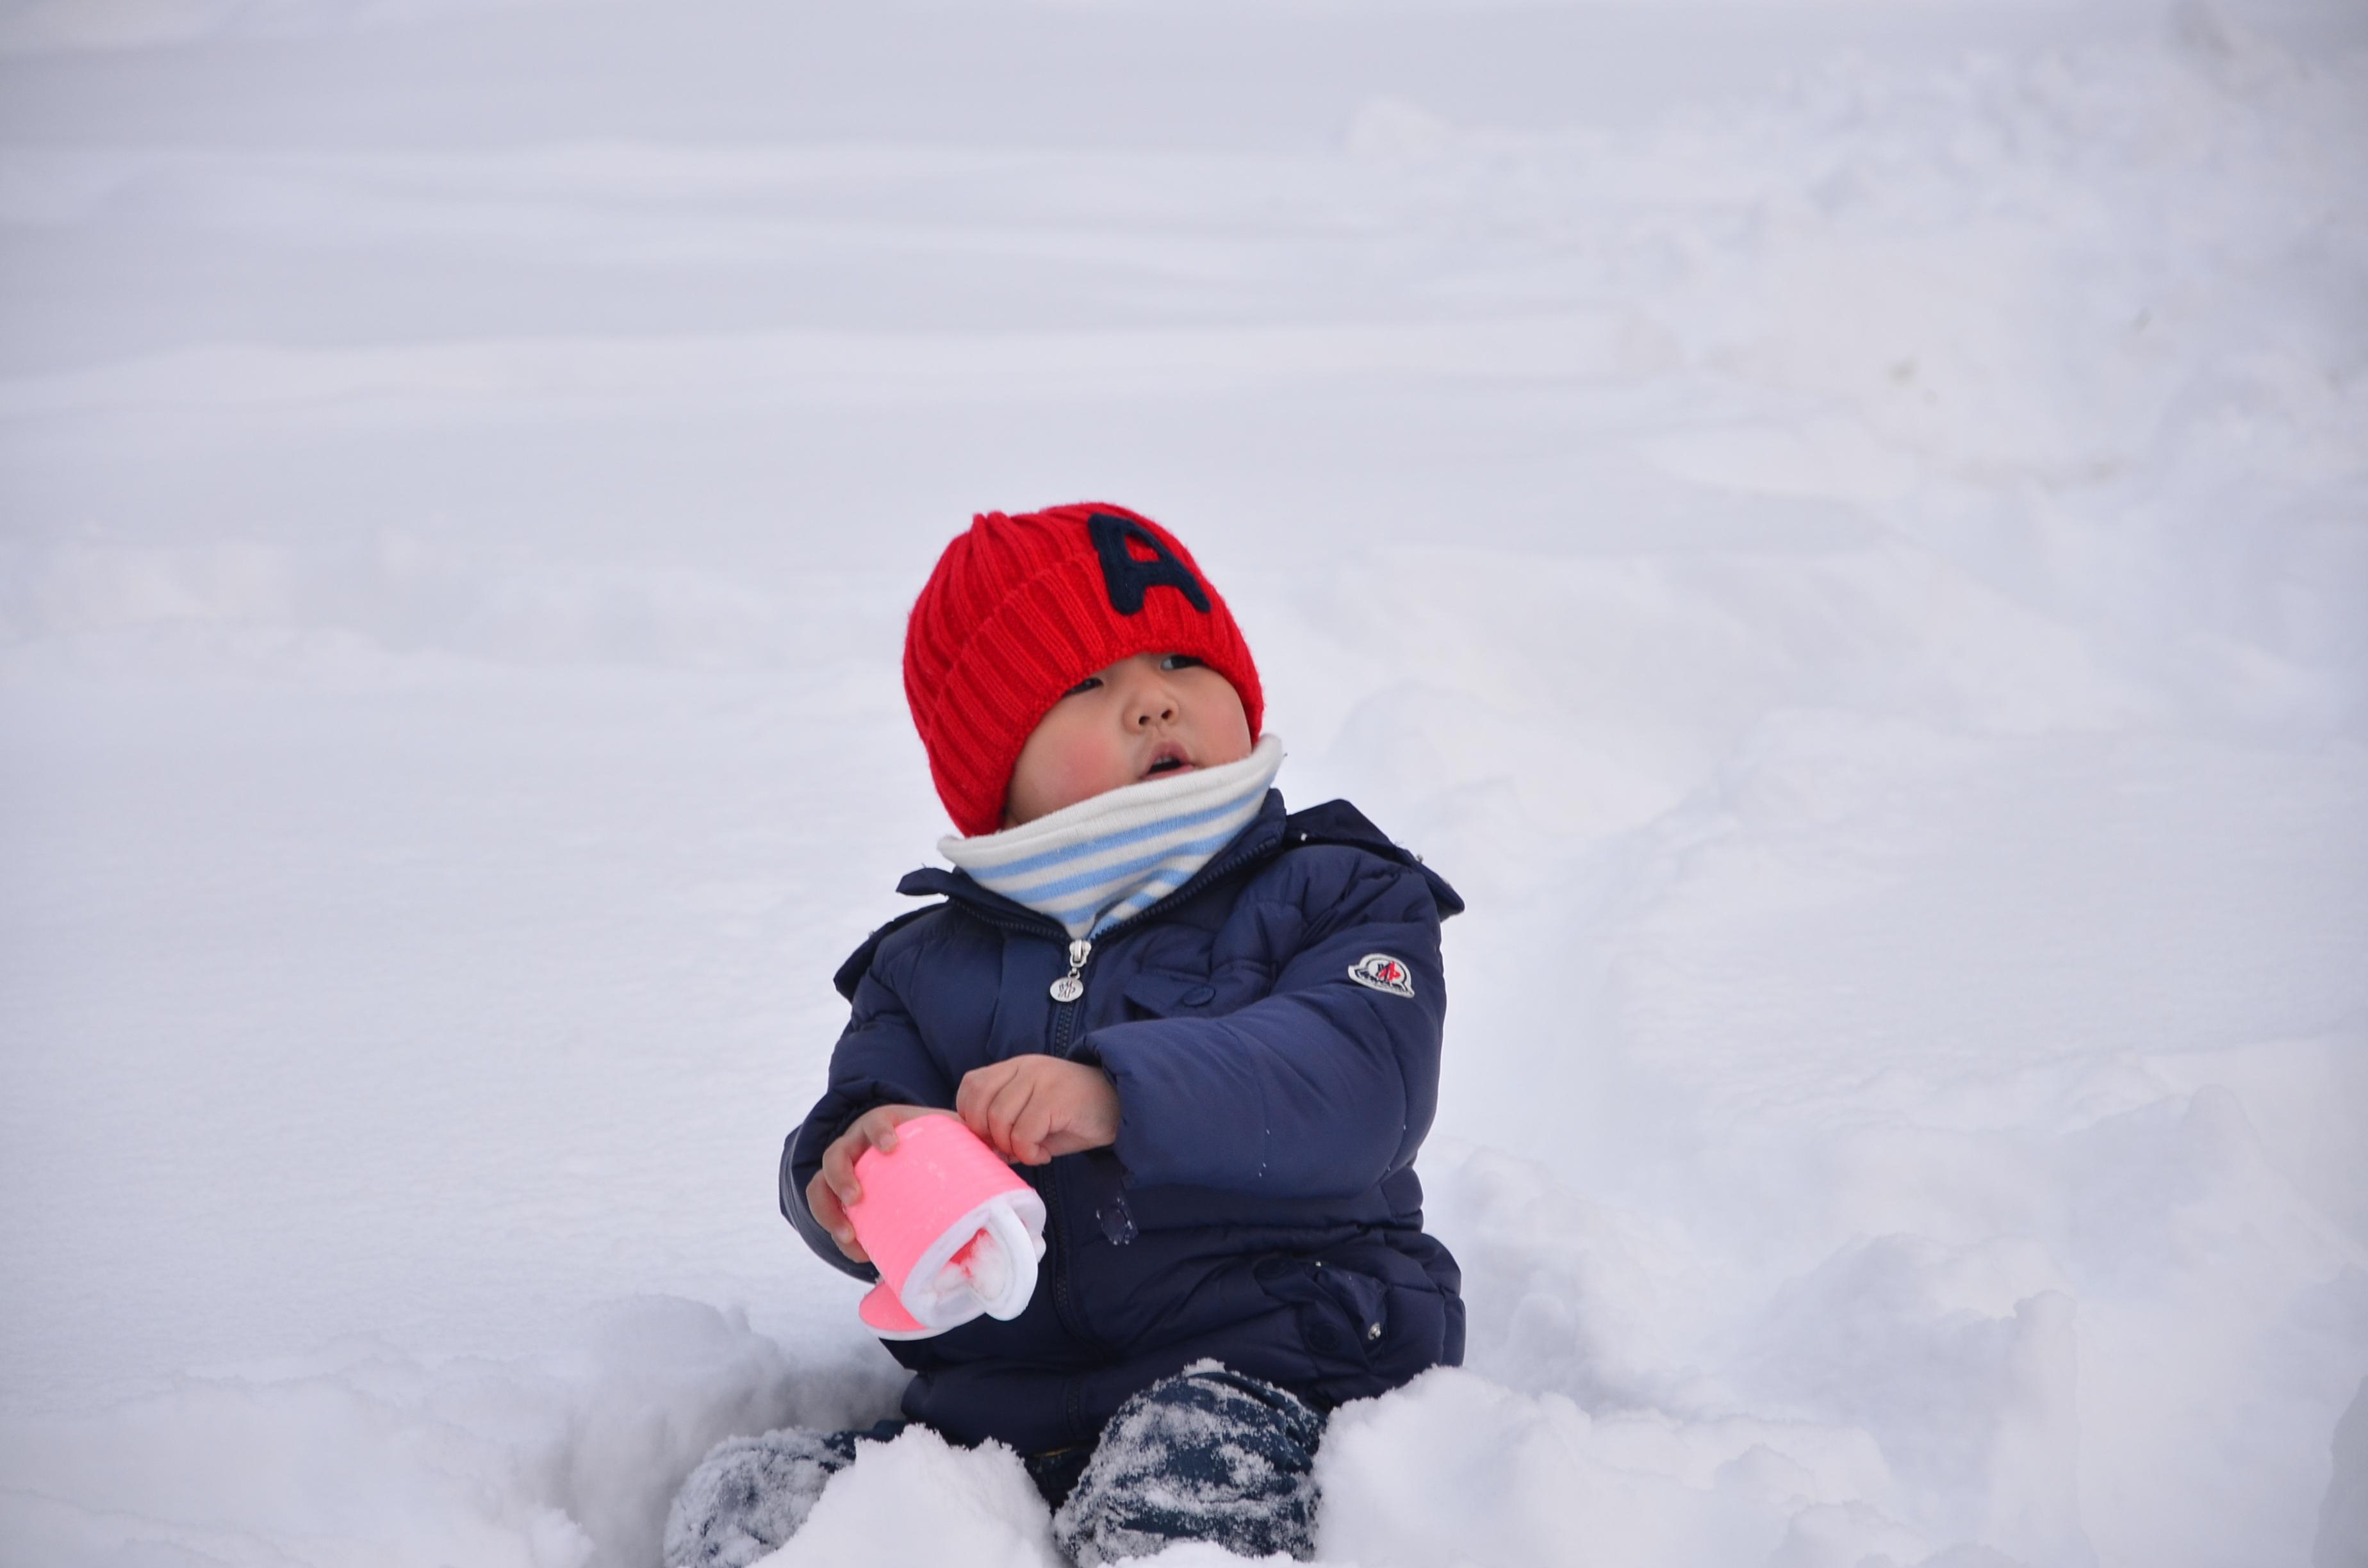 Gambar Musim Dingin Bermain Merah Cuaca Topi Anak Anak Orang